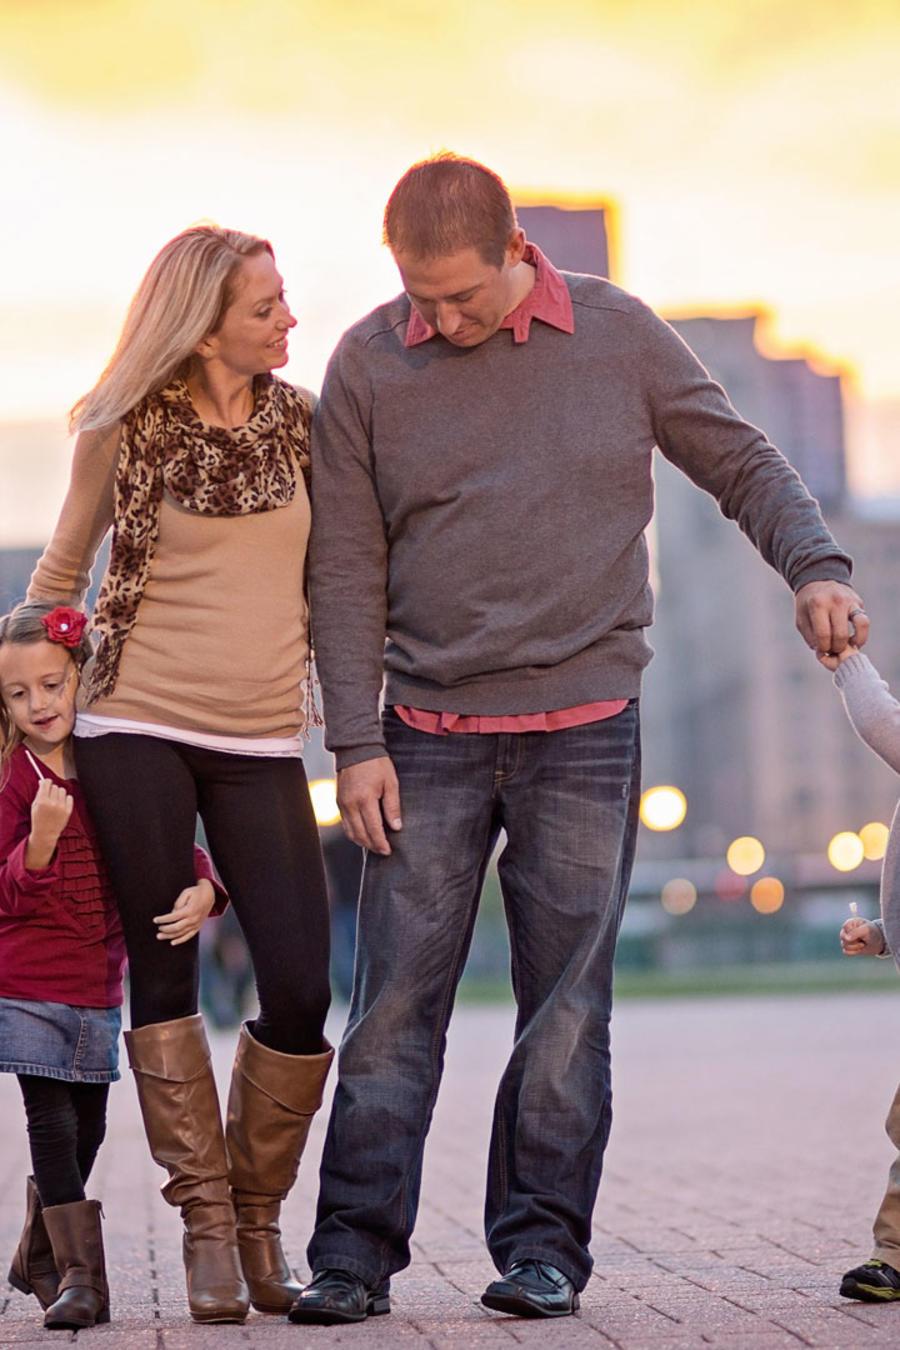 Familia paseando por la ciudad